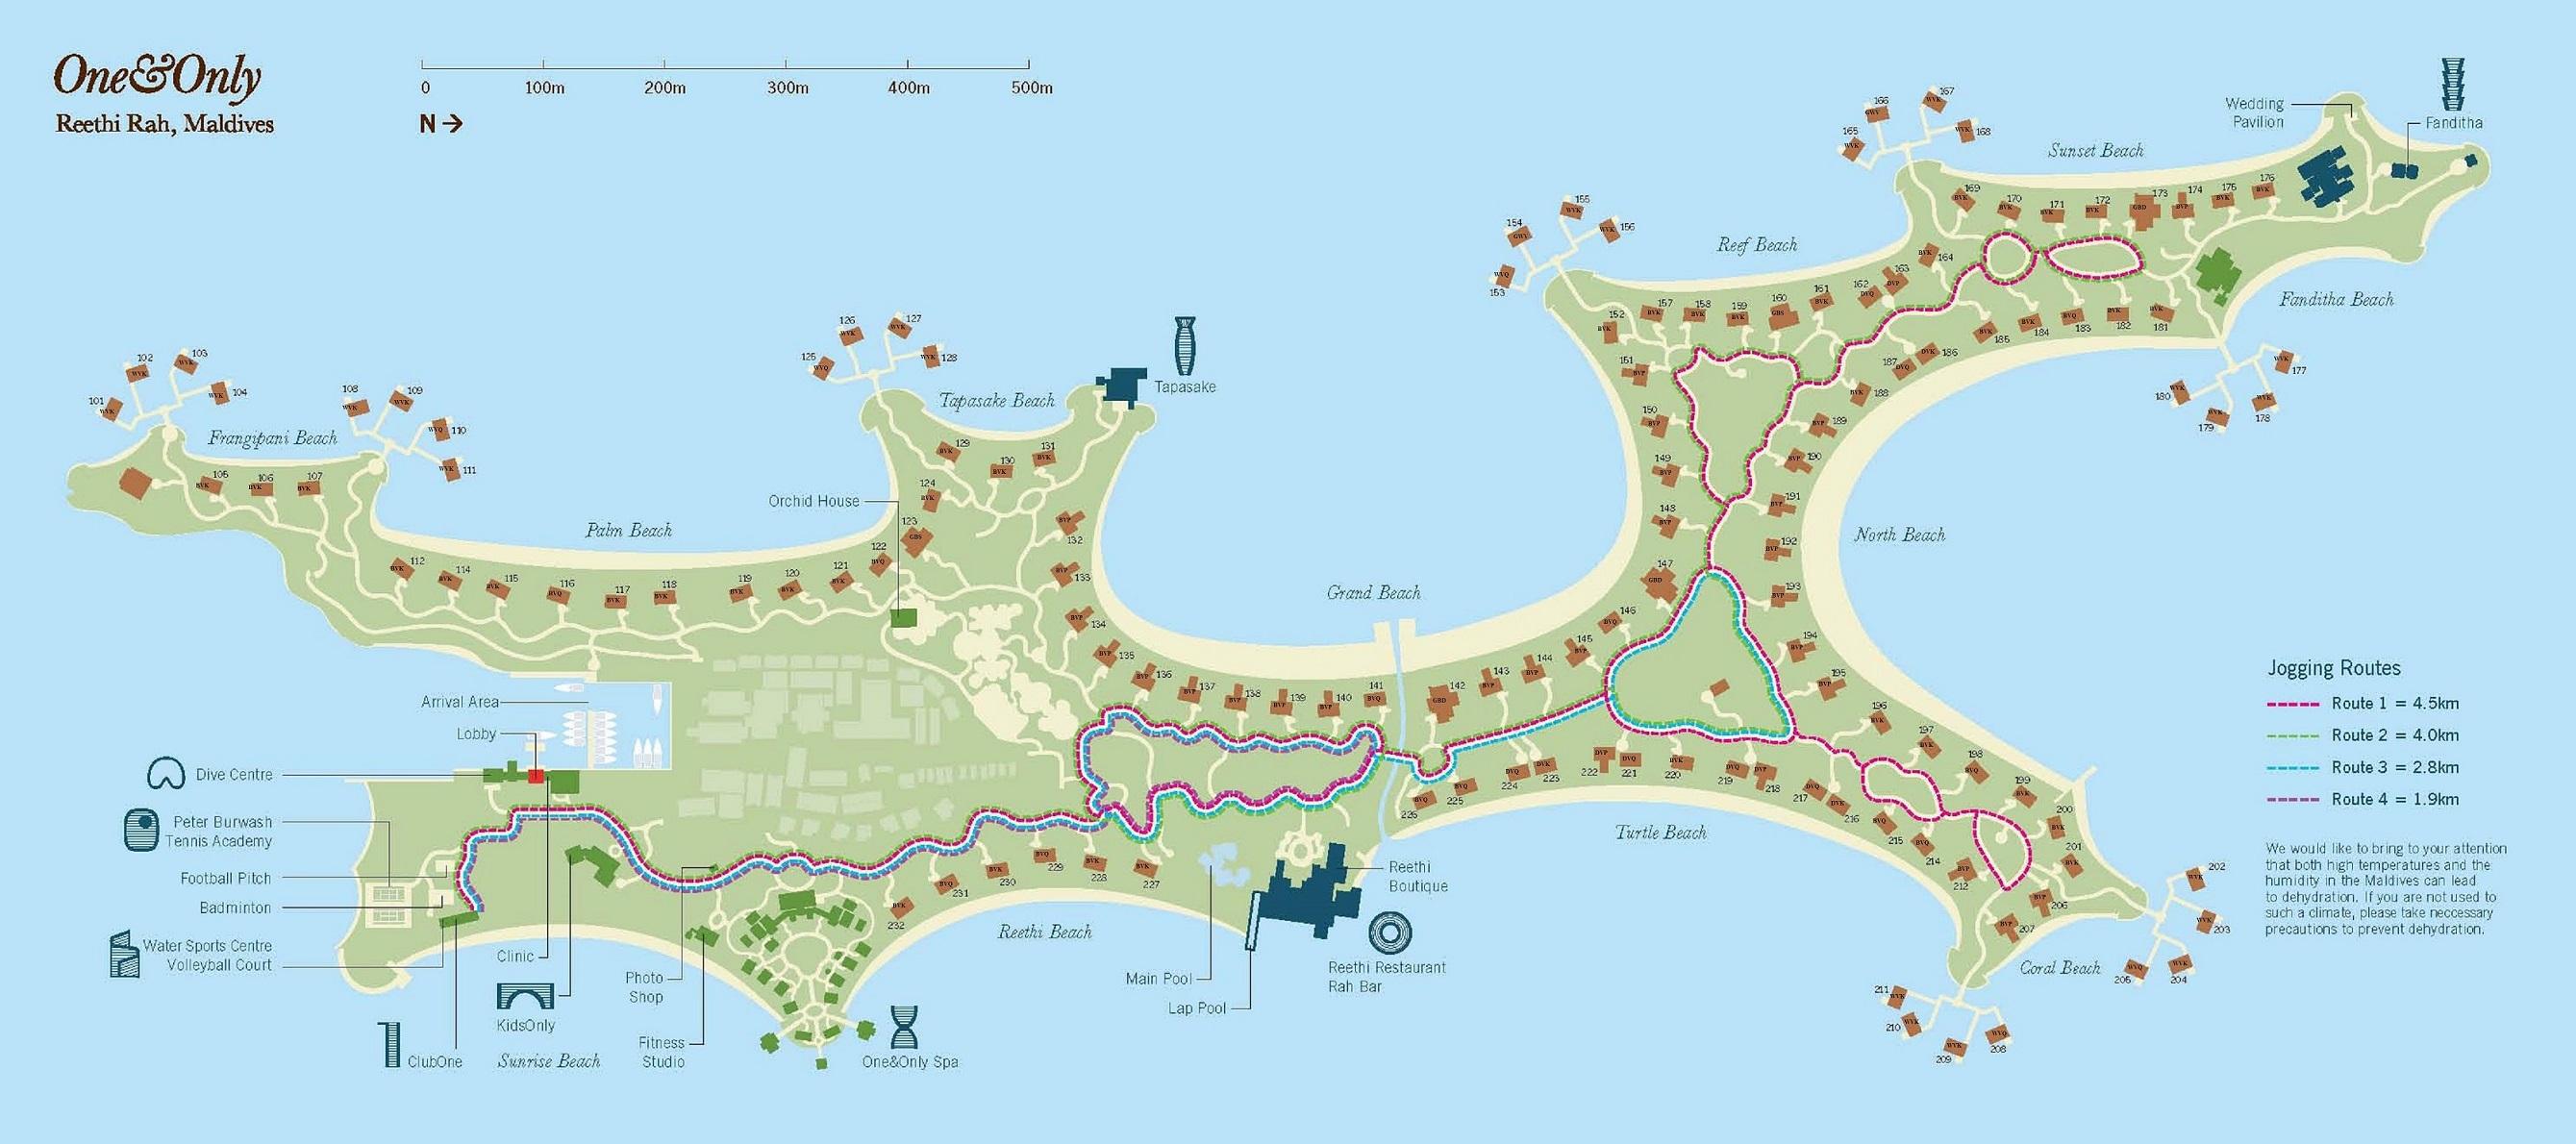 马尔代夫 唯一岛|唯逸岛|OO岛 One Only Reethi Rah 平面地图查看